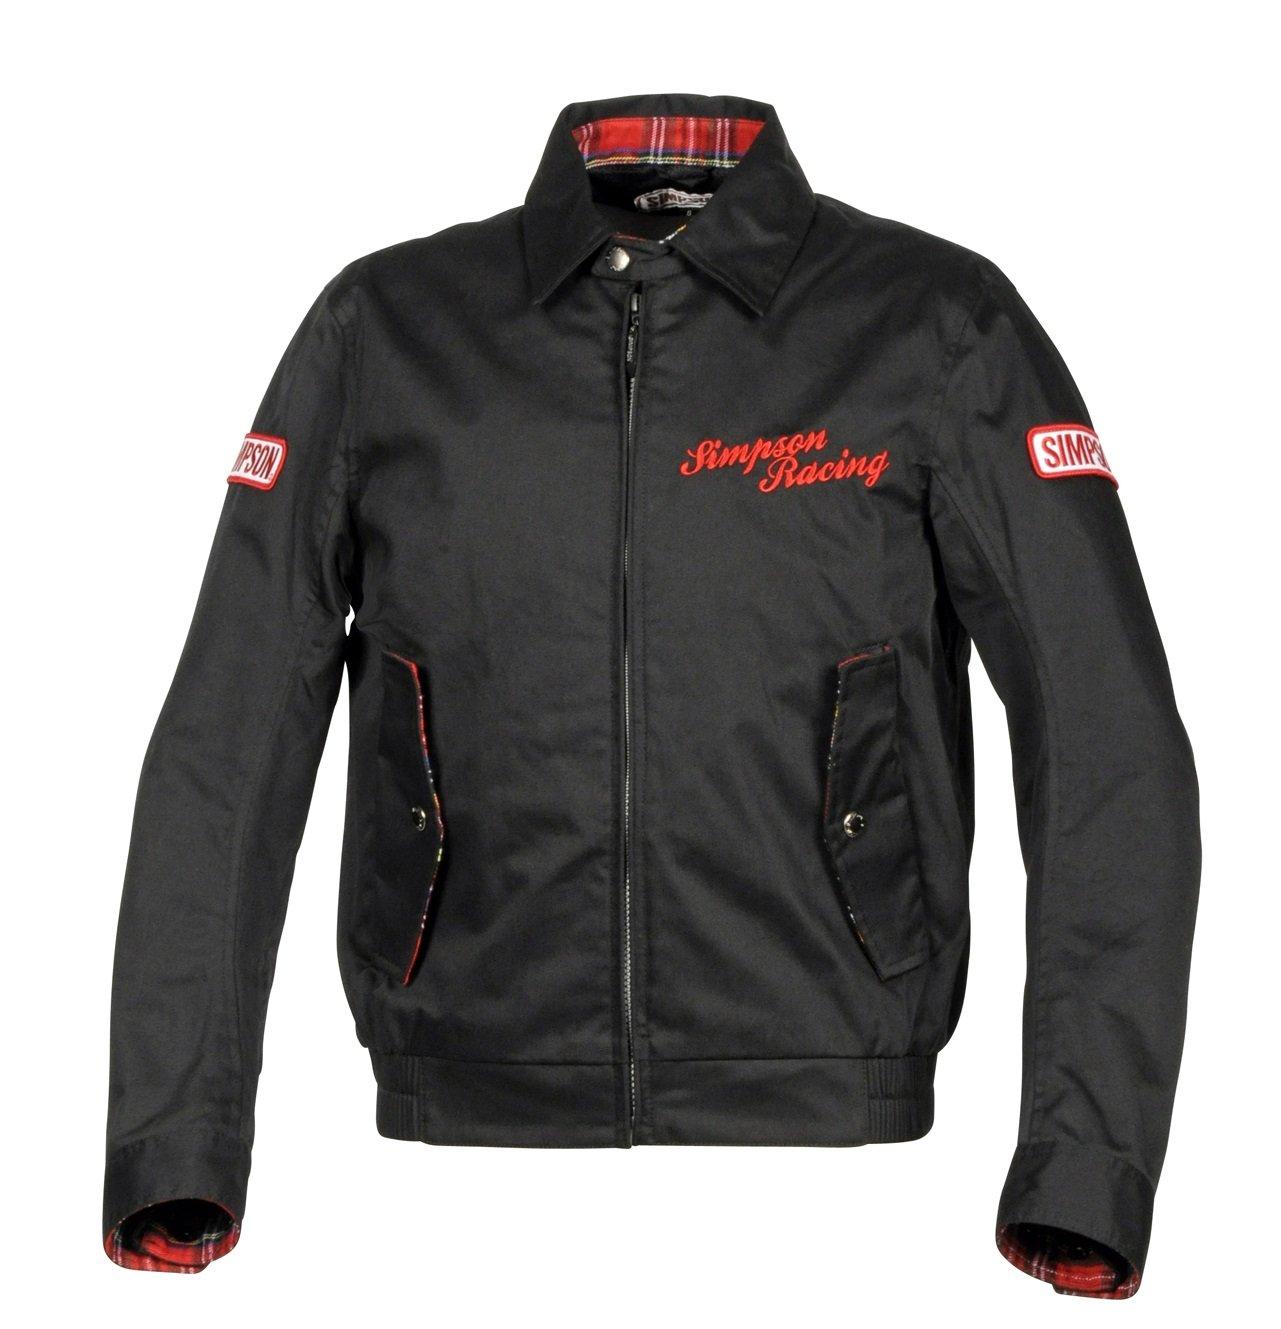 シンプソン(SIMPSON) バイク用ジャケット Cotton Jacket(コットンジャケット) インディゴ 3L SJ-8111 B079YHDSFK 3L